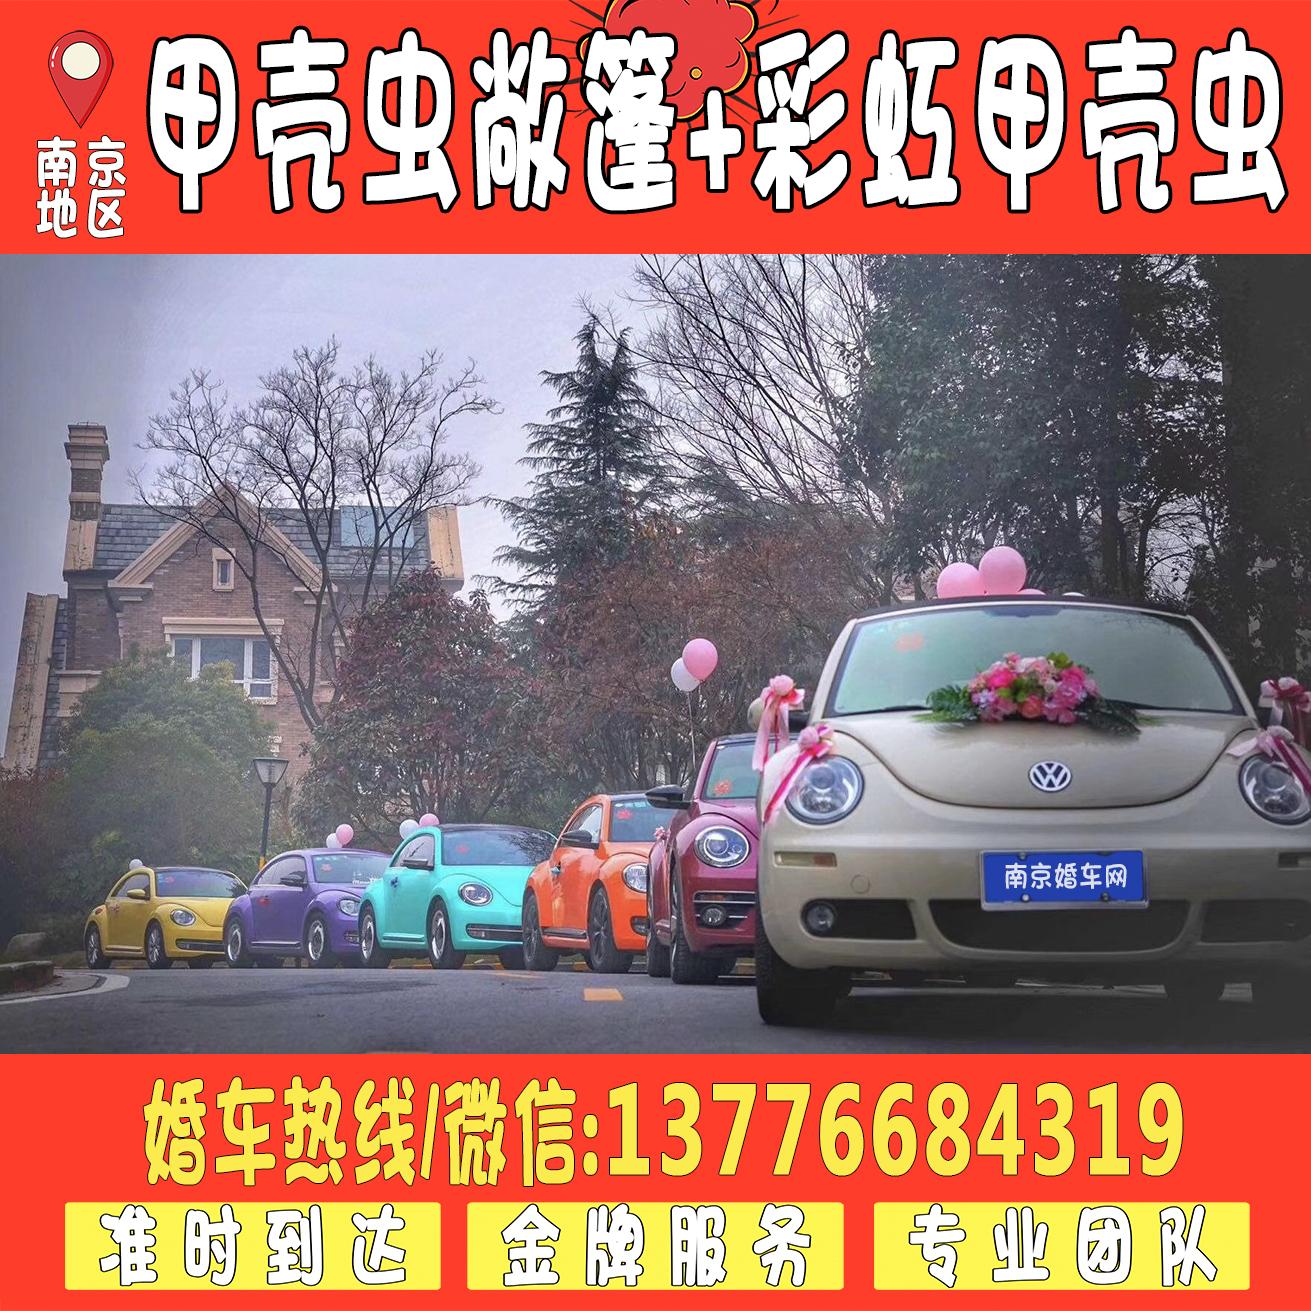 彩虹甲壳虫敞篷+5台彩虹甲壳虫副车